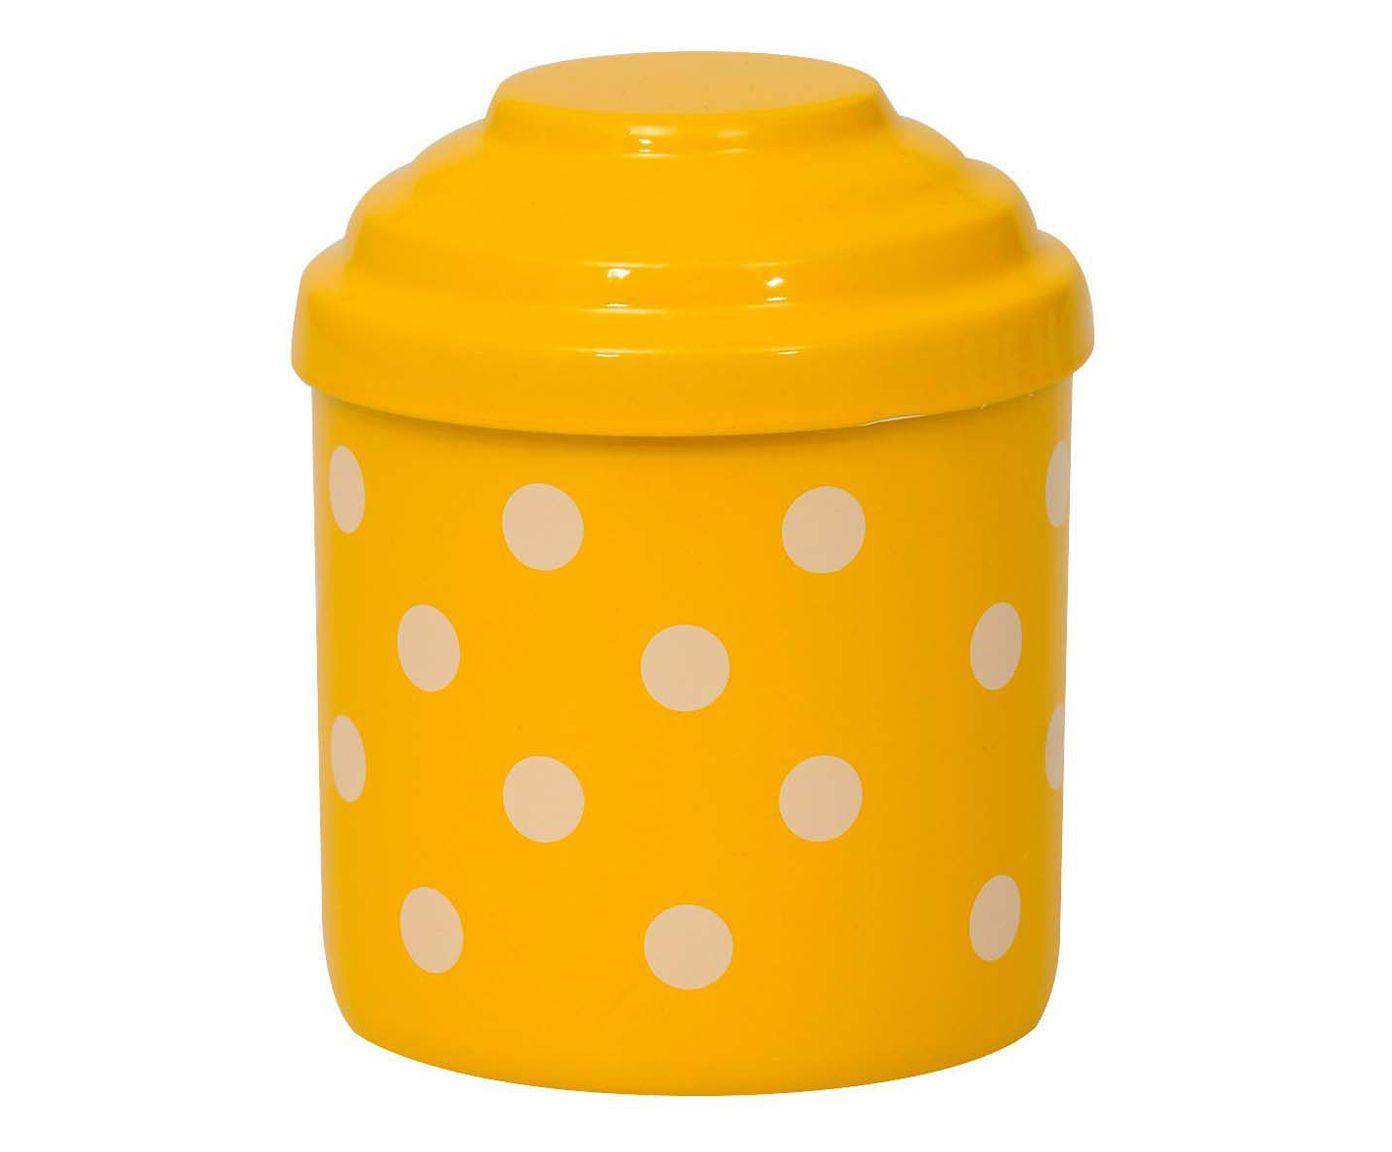 Porta-Condimentos Polka Dots - Amarelo e Branco | Westwing.com.br